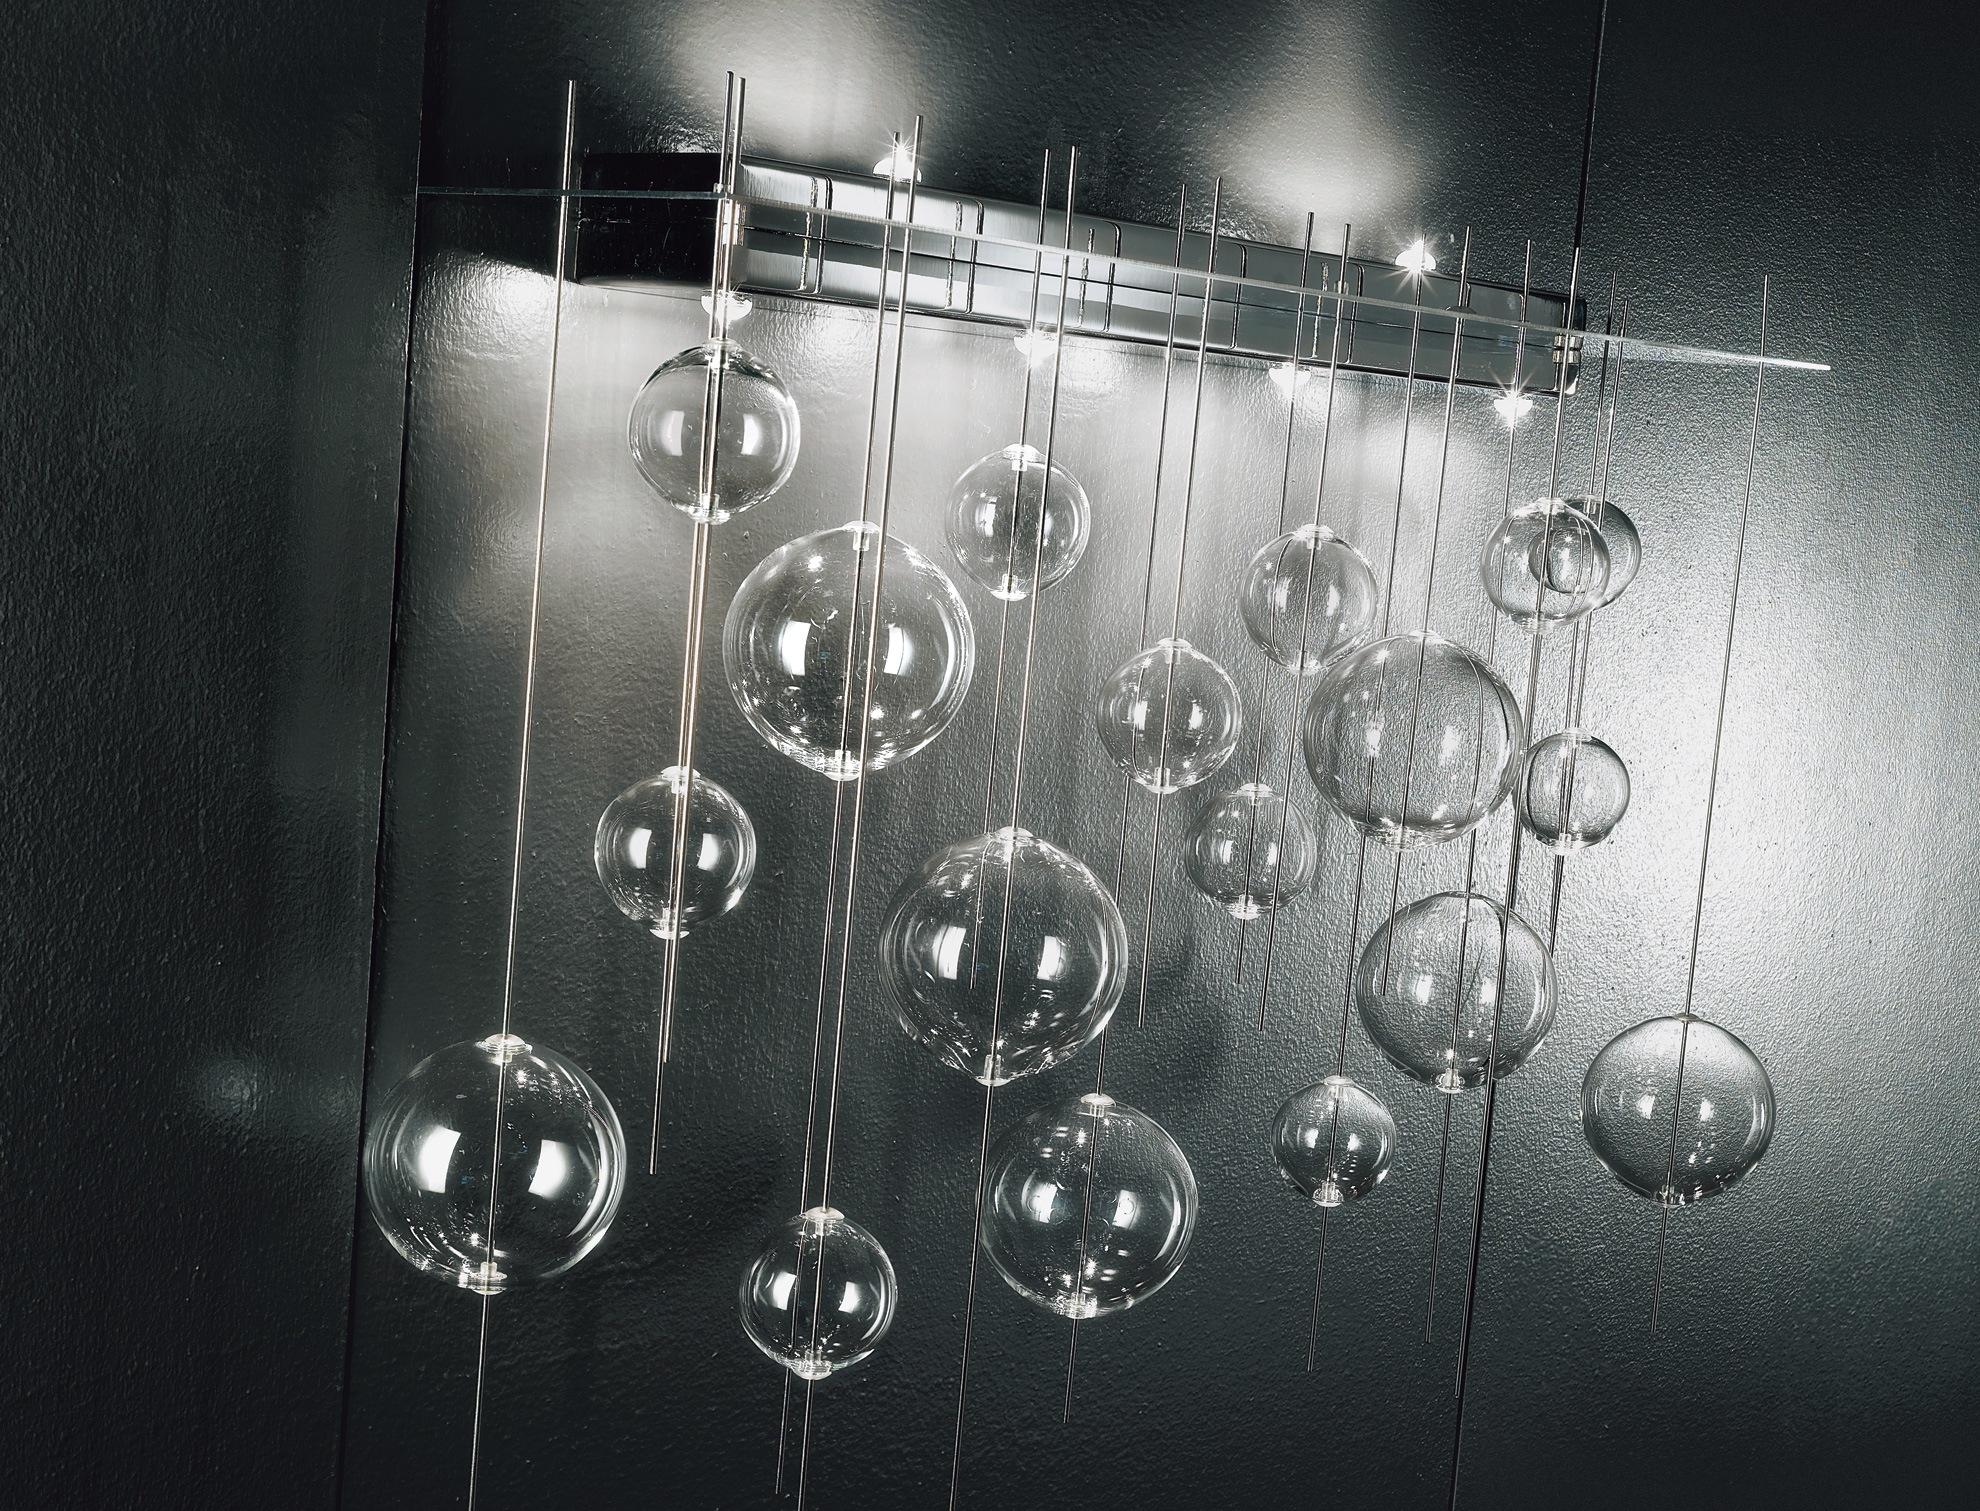 Niagara lampada da parete di sil lux lampade a parete for Lampade a led vendita online